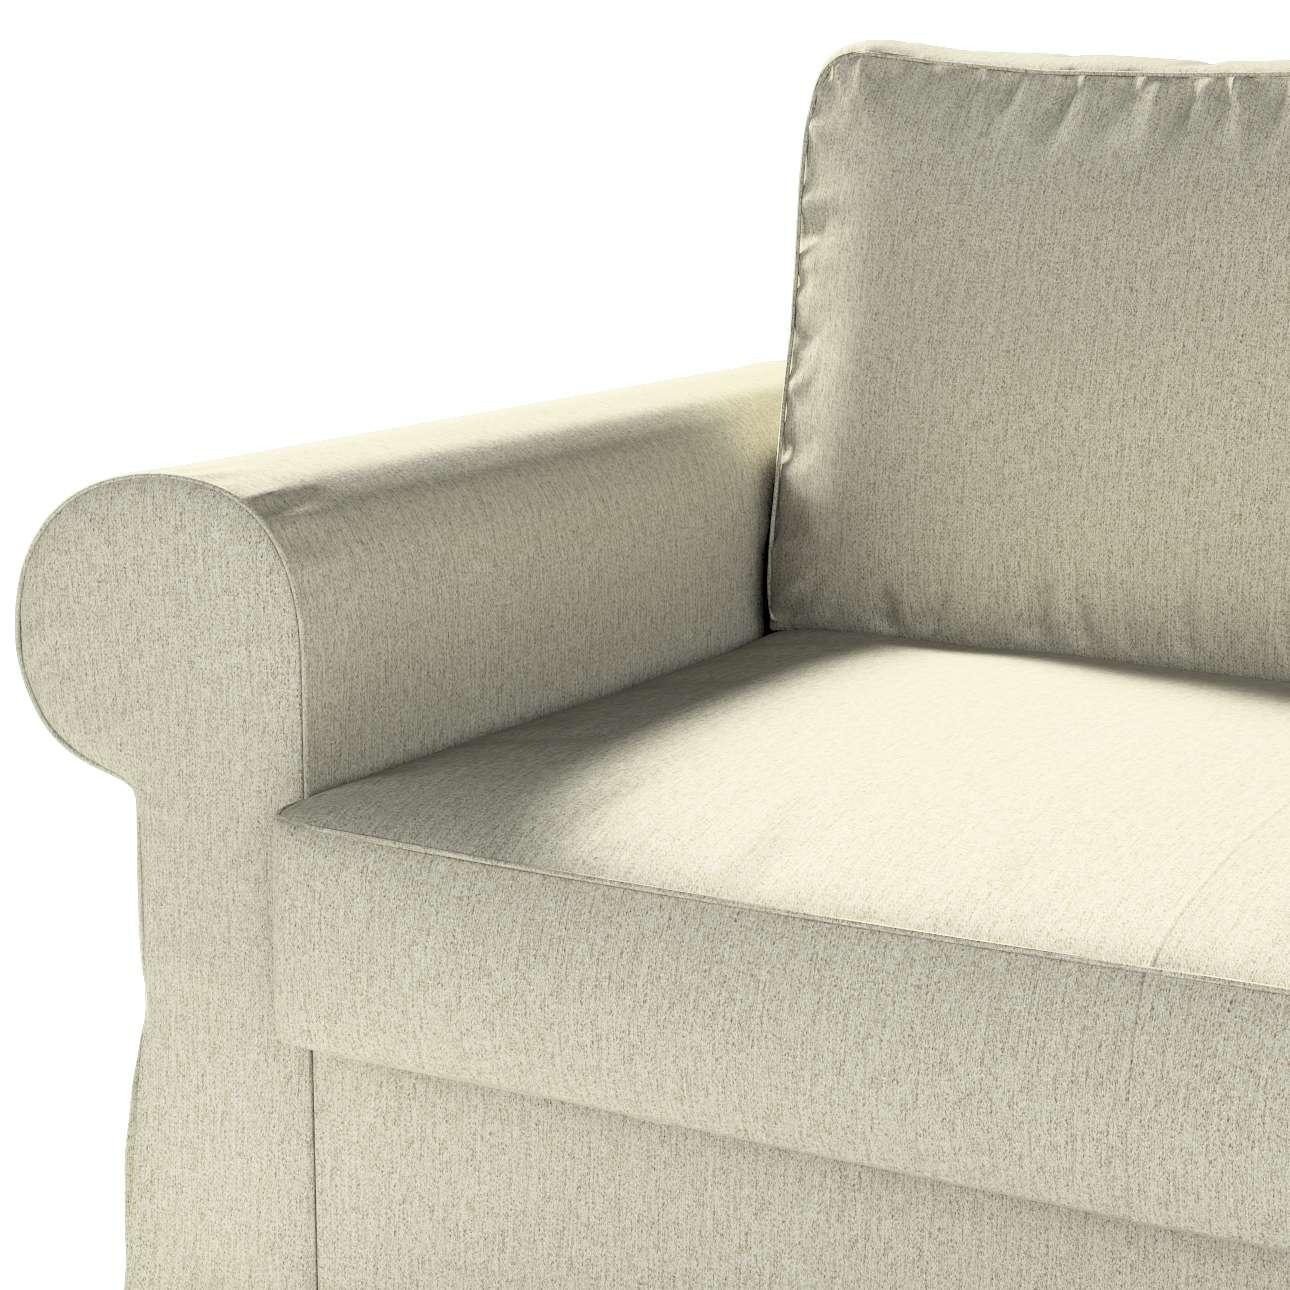 Bezug für Backabro 2-Sitzer Sofa ausklappbar von der Kollektion Living, Stoff: 161-62